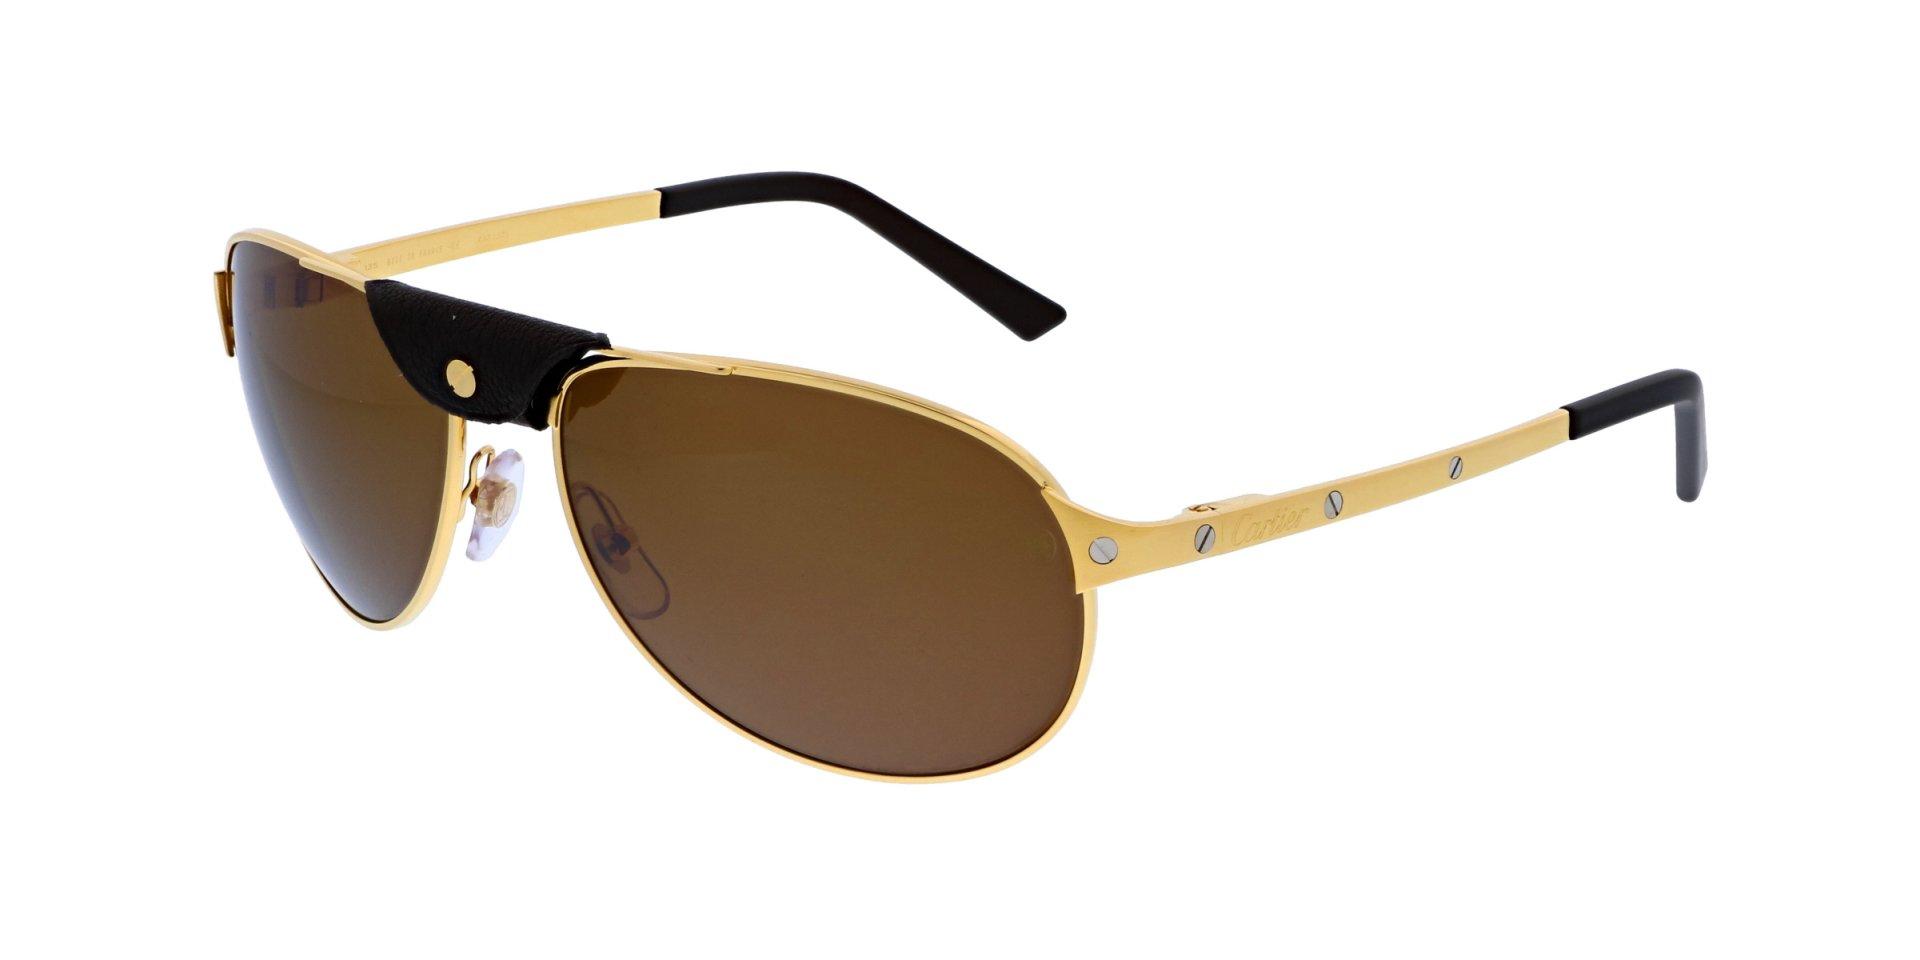 a6fdd0eb395 Cartier Sunglasses For Men